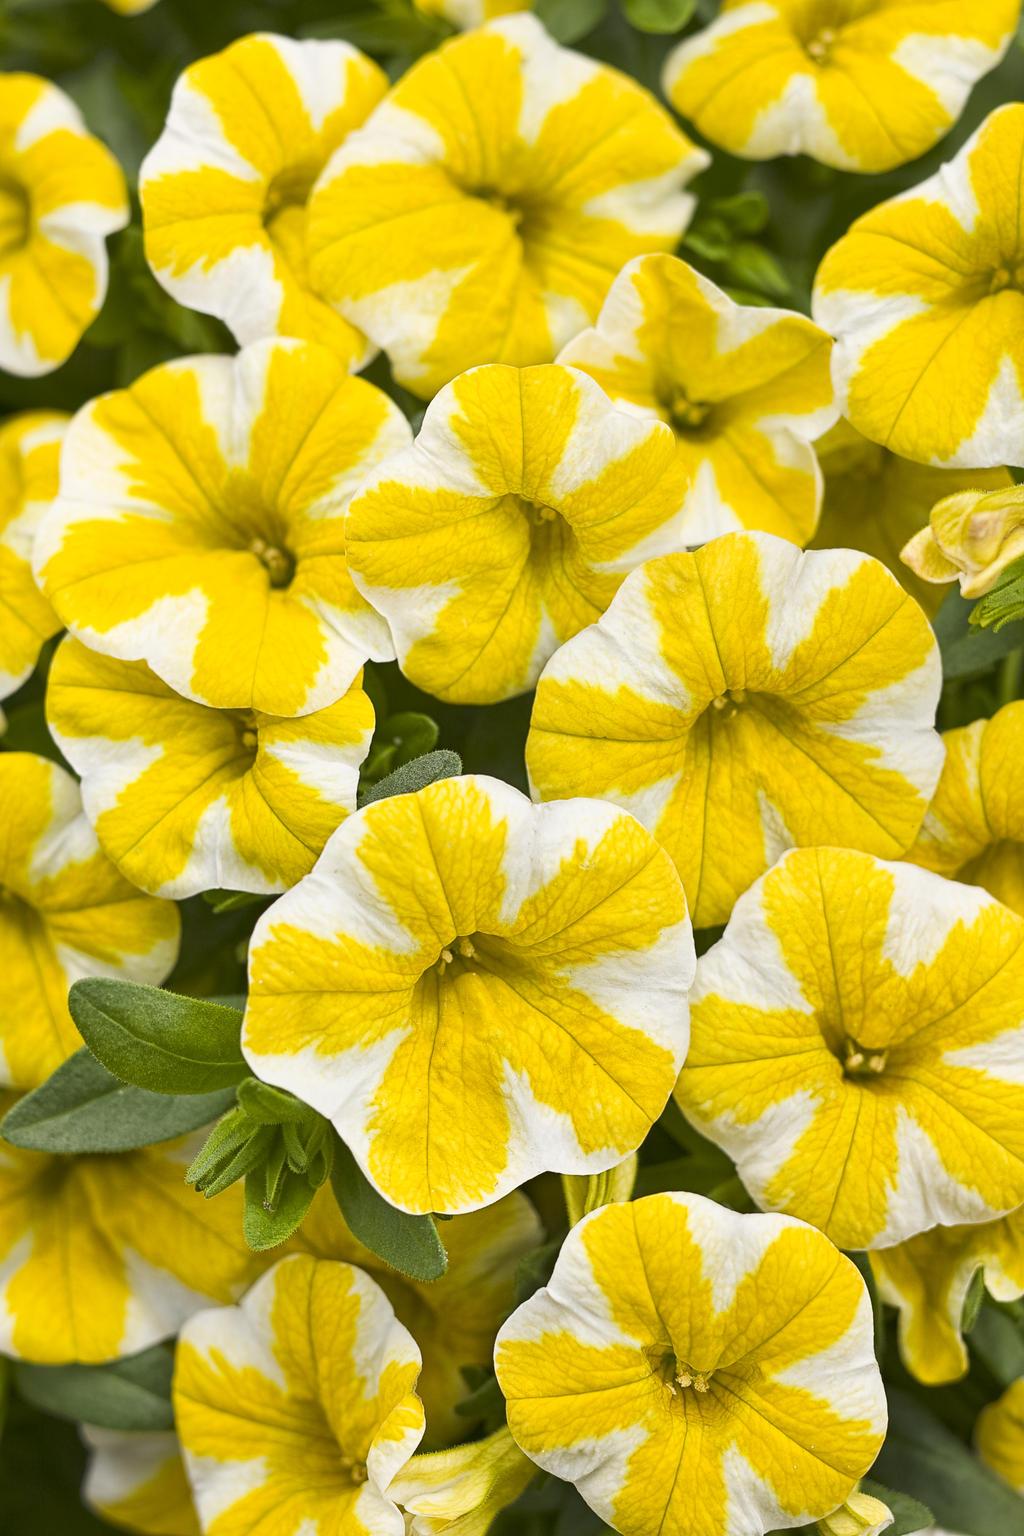 Superbells Lemon Slice Calibrachoa Hybrid Proven Winners